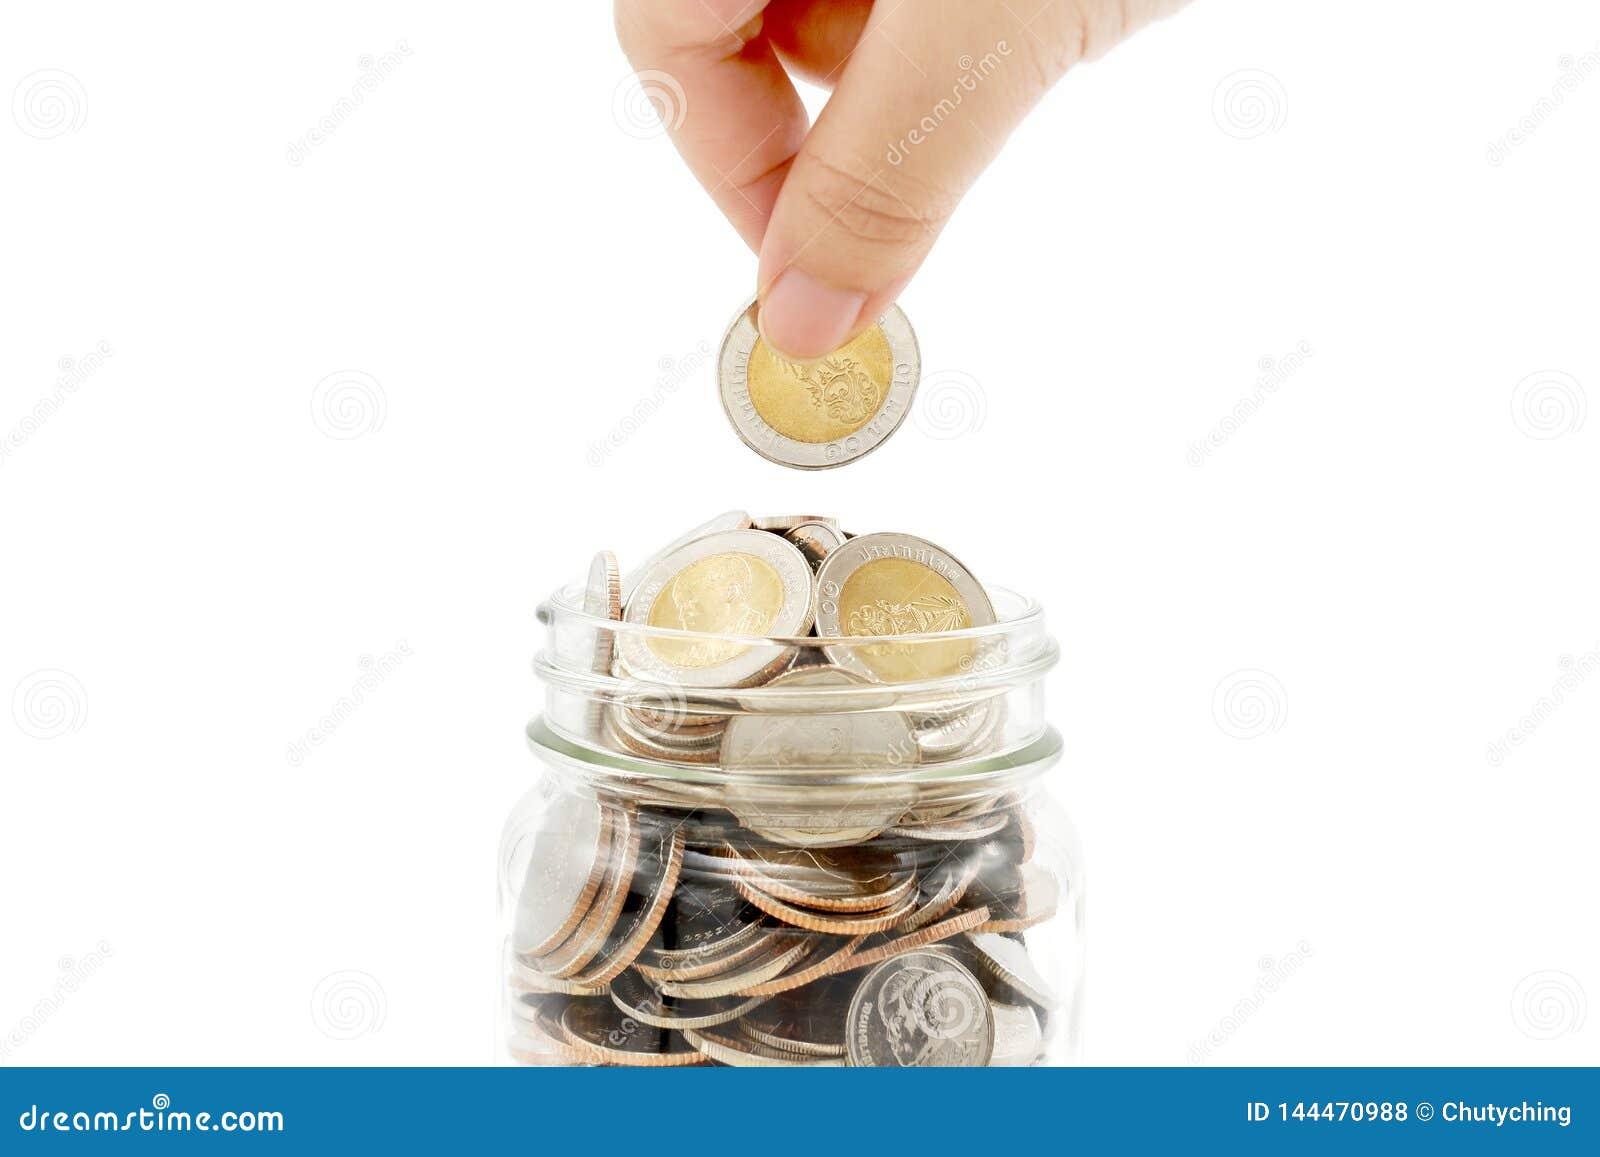 A mão da mulher que deixa cair a moeda nova do baht dez tailandês em um frasco de vidro completamente das moedas